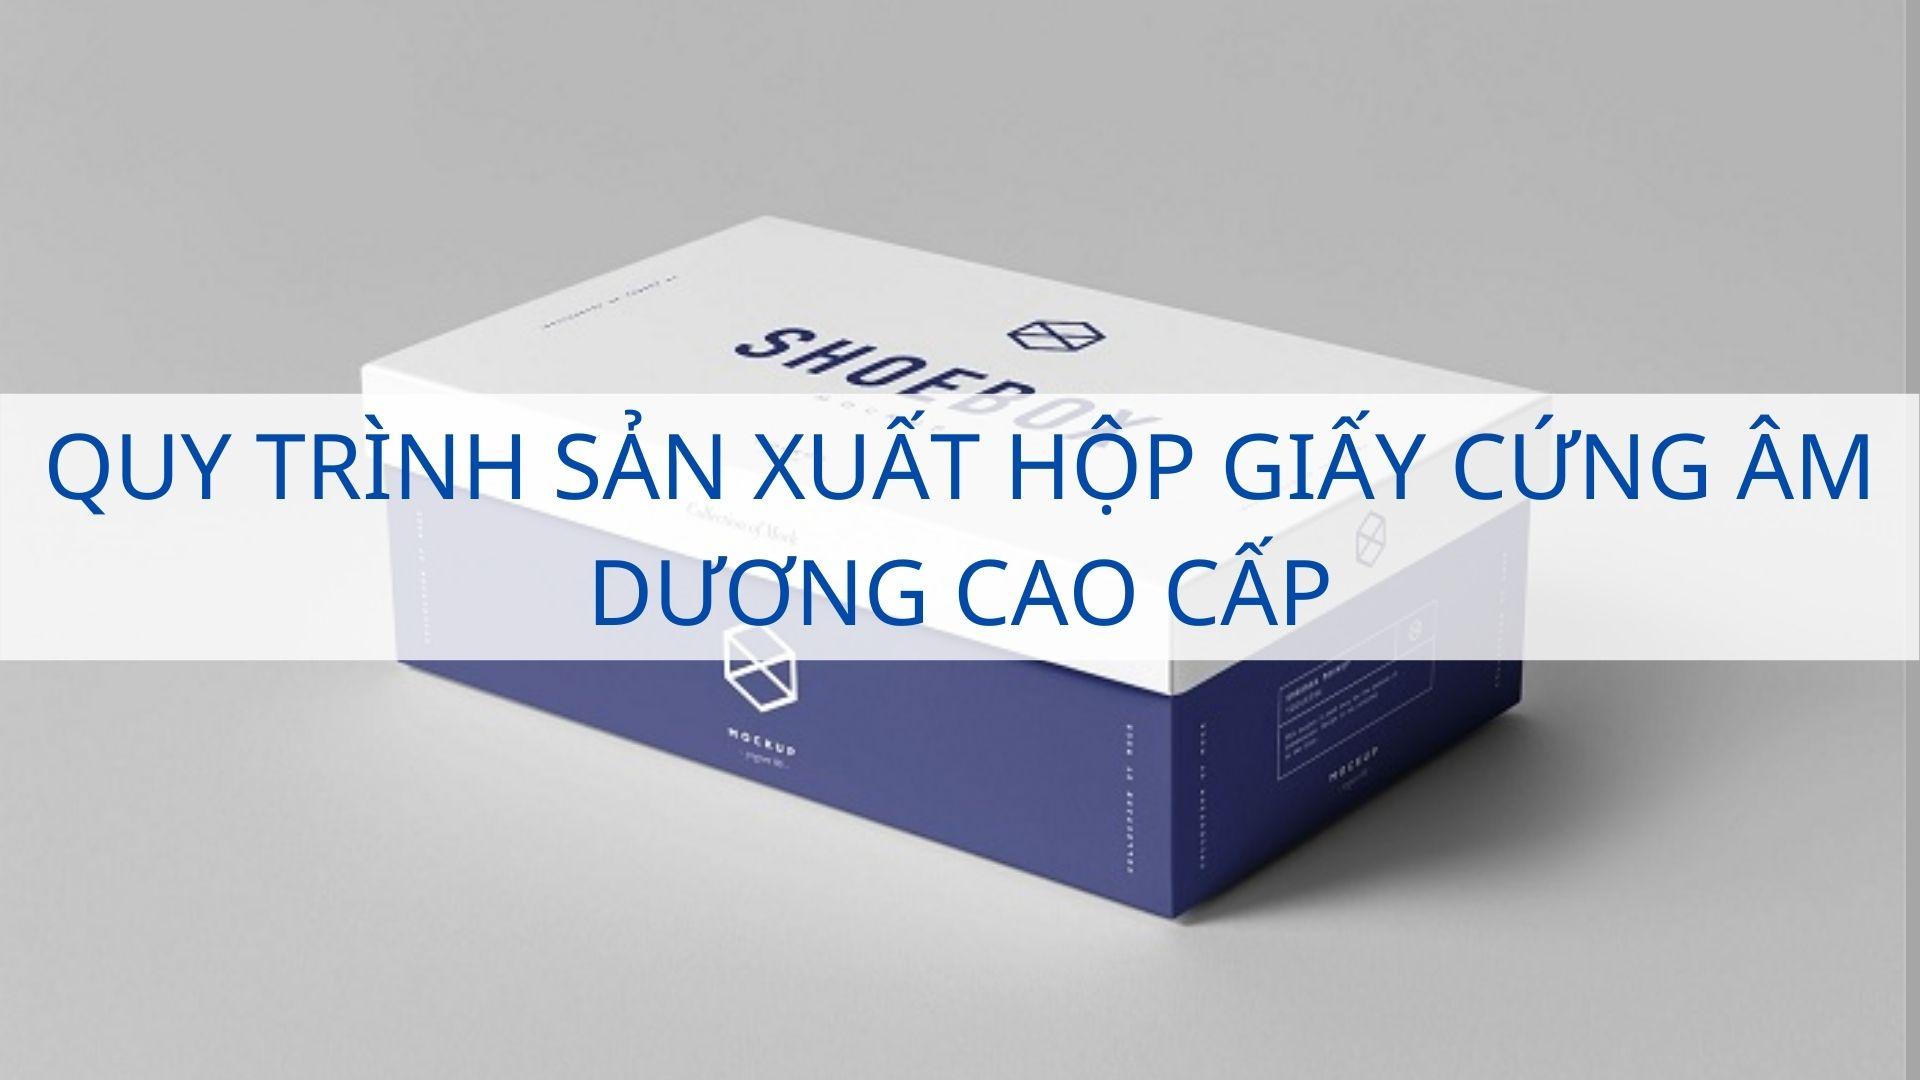 Quy trình sản xuất hộp giấy cứng âm dương cao cấp